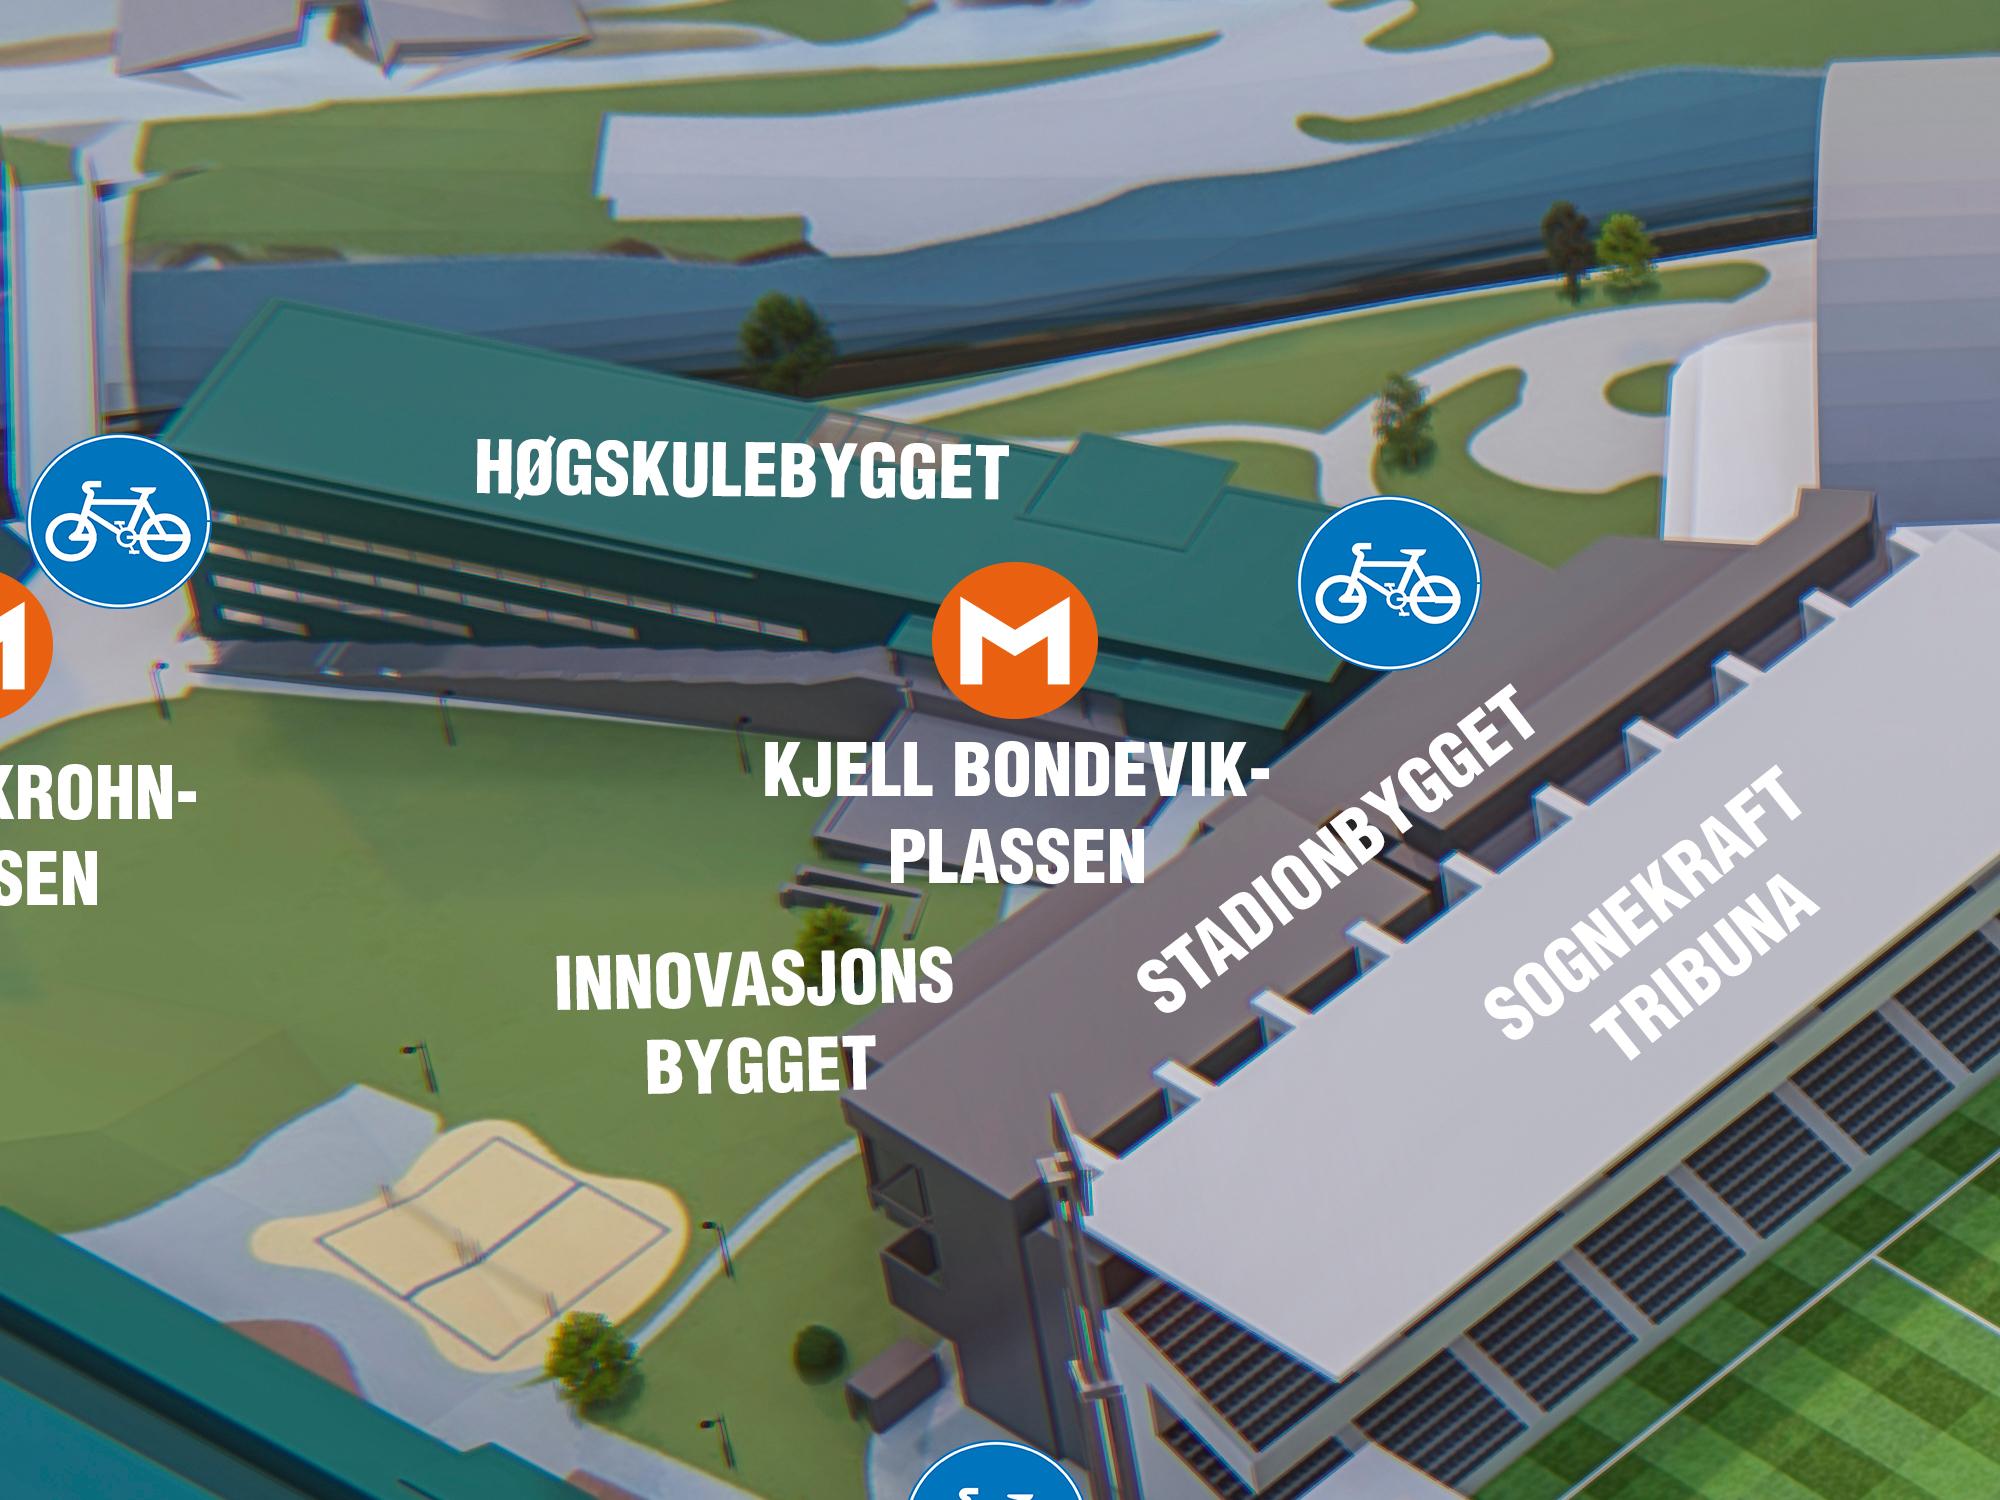 Kjell Bondevik-plassen - Kjell Bondevik var den ansvarlege statsråd i Borten-regjeringa frå 1965 – 1971, og mannen bak distriktshøgskule-reforma som gav Sogndal distriktshøgskule i 1975.Kjell Bondevik var fødd på Leikanger, men hadde sine oppvekstår i Sogndal, i huset som i dag inneheld Kafe Krydder.